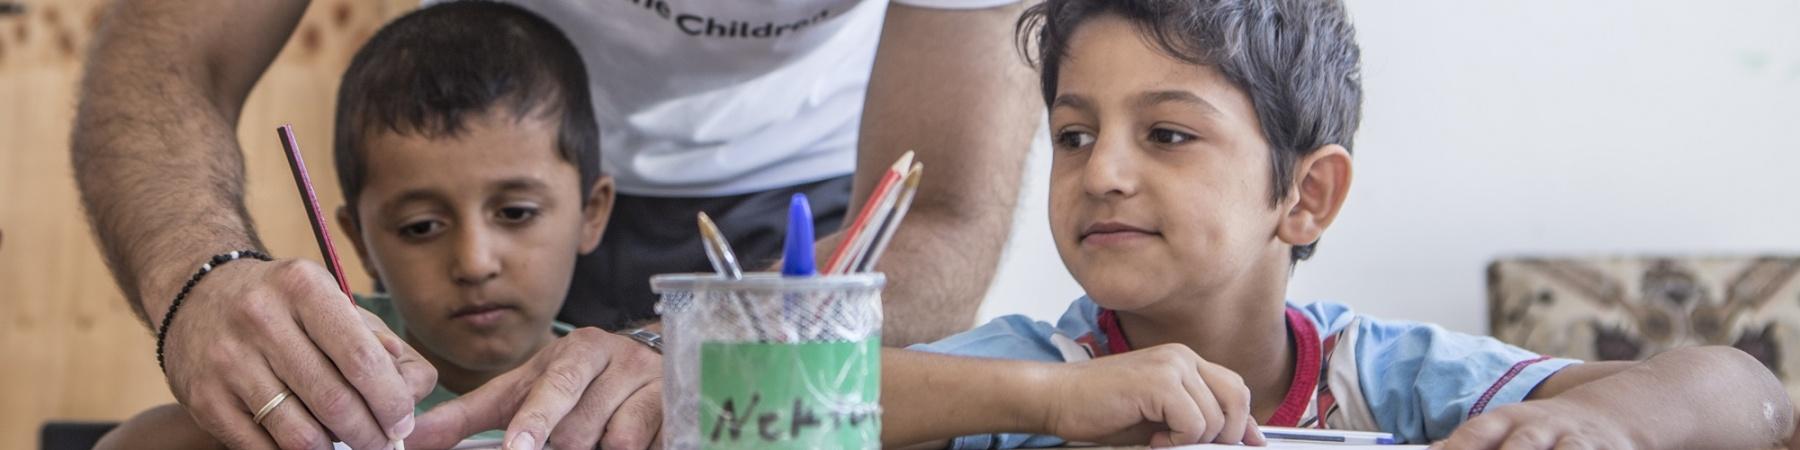 operatore umanitario in piedi aiuta due bambini seduti al banco di scuola a fare i compiti